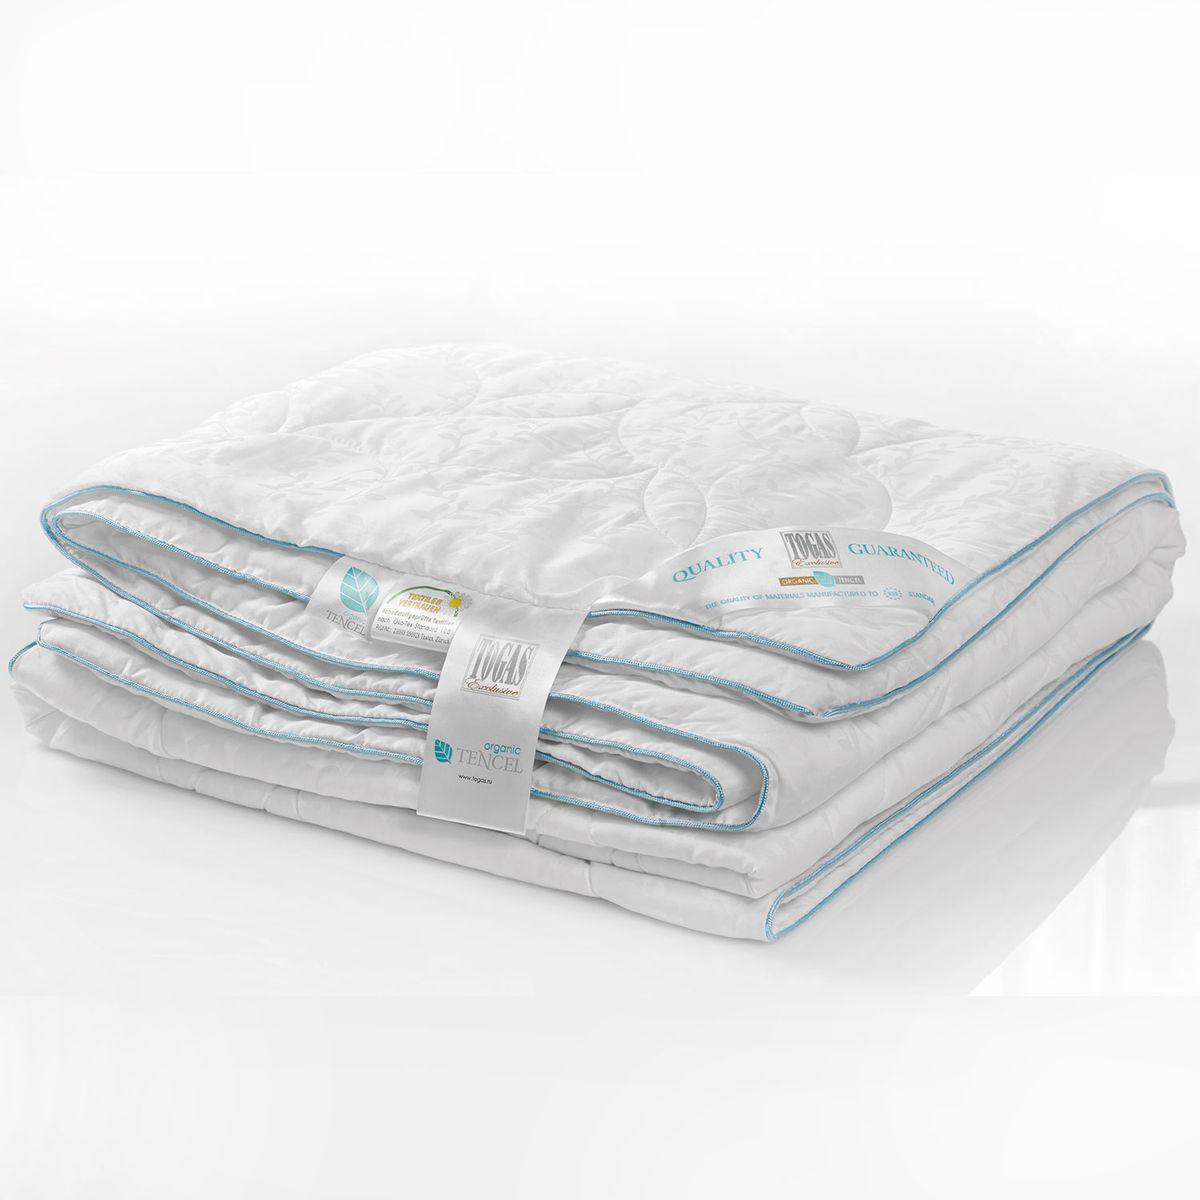 Одеяло Органик тенсель эвкалиптовое волокно в ткани тенсель, 220 х 240 см. 20.04.12.008120.04.12.0081Состав: чехол - 100% жаккард тенсель; наполнитель - 100% тенсель. Детали: одеяло каростепное, классический крой, двойная отстрочка, окантовка голубым шнуром, чехол с растительным жаккардовым рисунком, наполнитель - тенсель. Цвет: белый. Уход: рекомендована сухая чистка. Возможна машинная стирка в домашних условиях в теплой воде (температура не выше 30°С) в деликатном режиме, если есть соответствующее указание в инструкции по уходу. Для длительного хранения и перевозки используйте тканевые сумки-чехлы, в которые одеяло было упаковано при покупке. Регулярно проветривайте одеяла и подушки, желательно на свежем воздухе, но не под прямыми солнечными лучами.